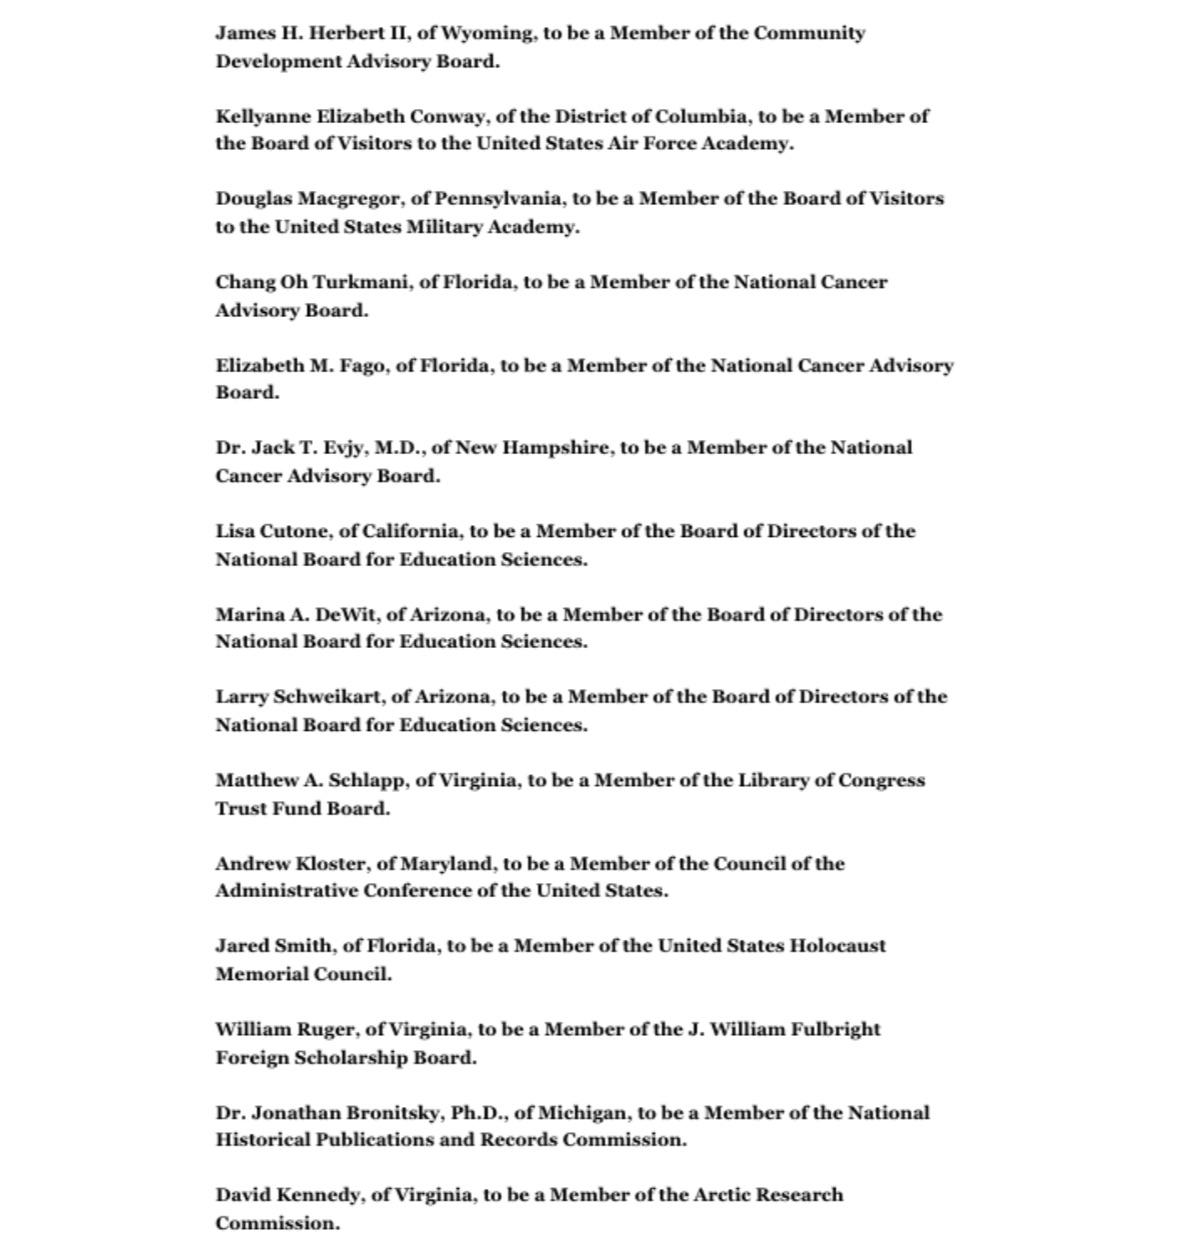 liste d'administrateurs de Trump 2020